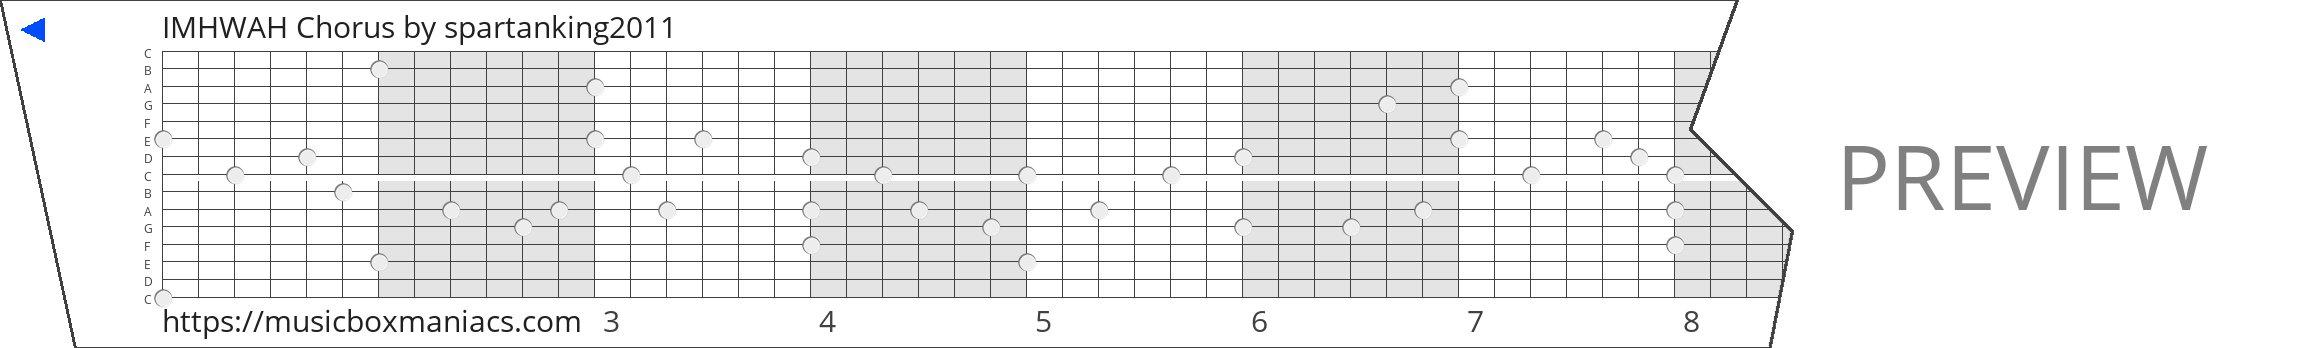 IMHWAH Chorus 15 note music box paper strip